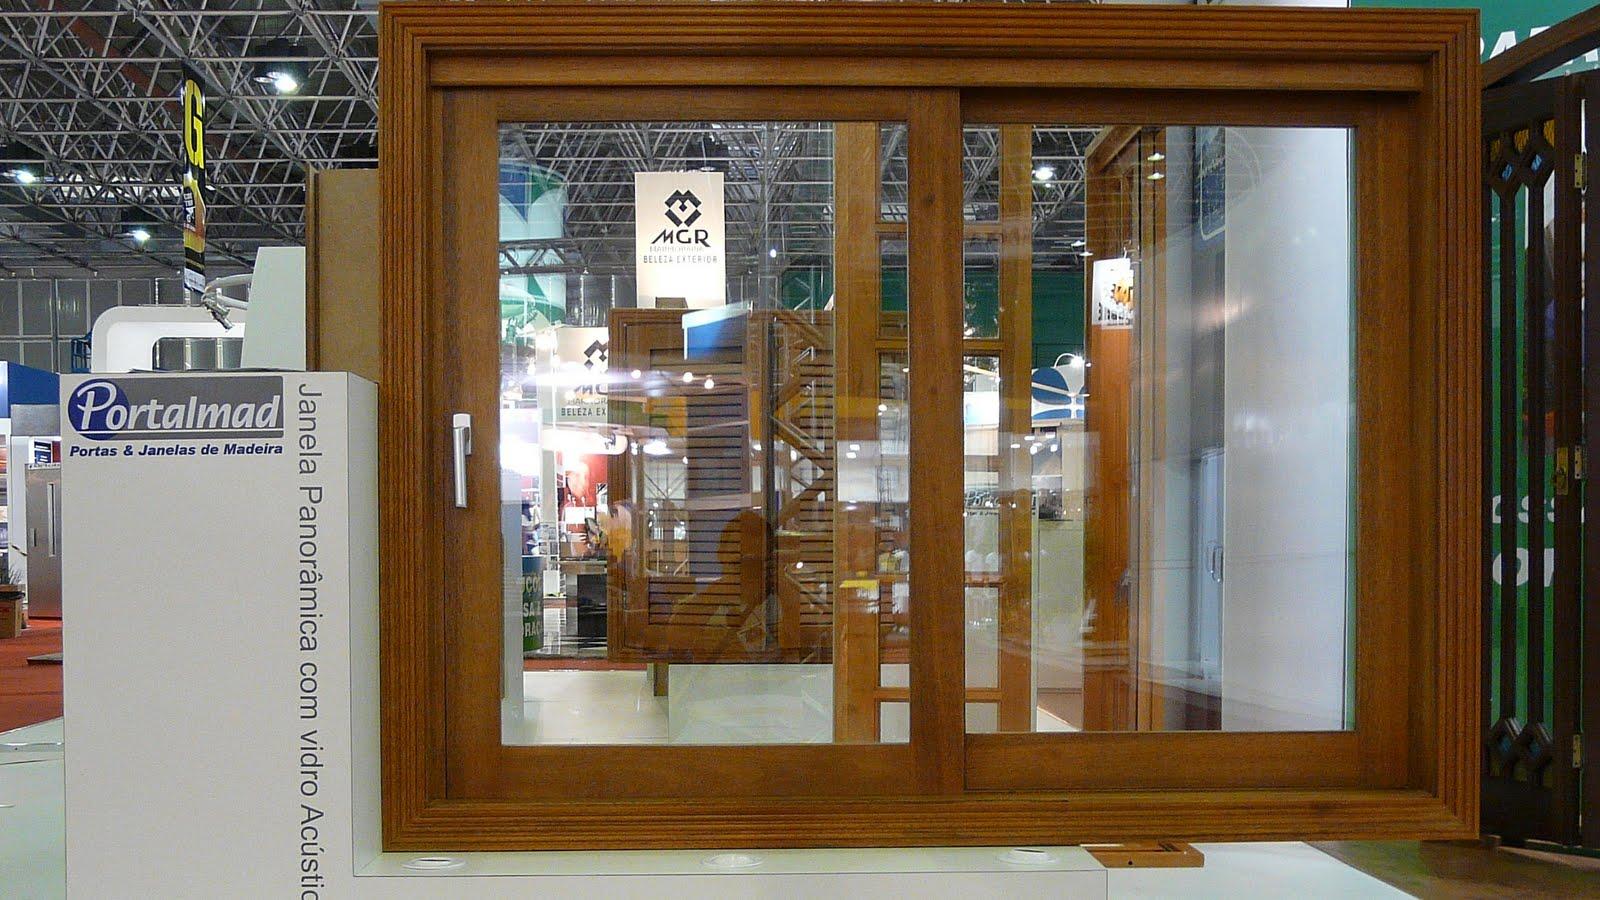 #663C14 Portas e Janelas soluções completas em esquadrias de madeira  1668 Janela De Aluminio Madeira Madeira